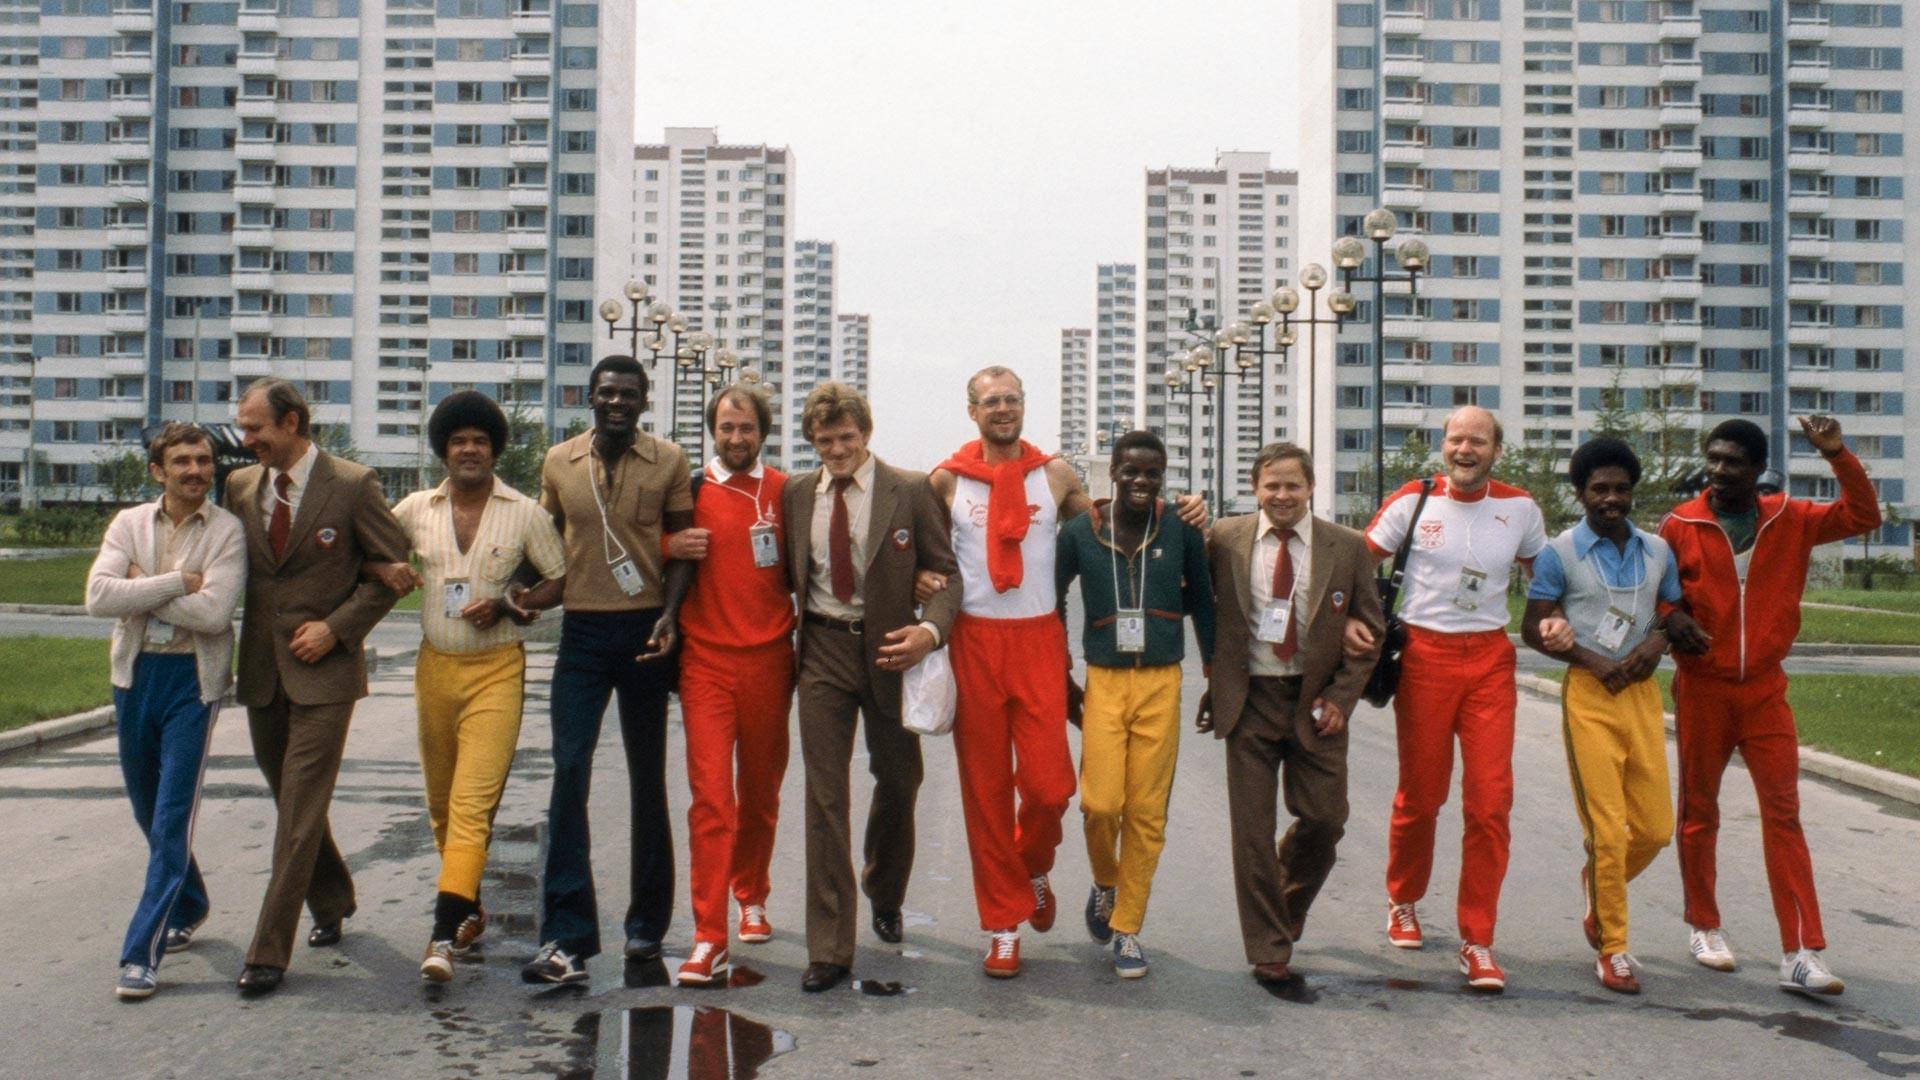 Športniki ZSSR, Danske in Gvajane v olimpijski vasi